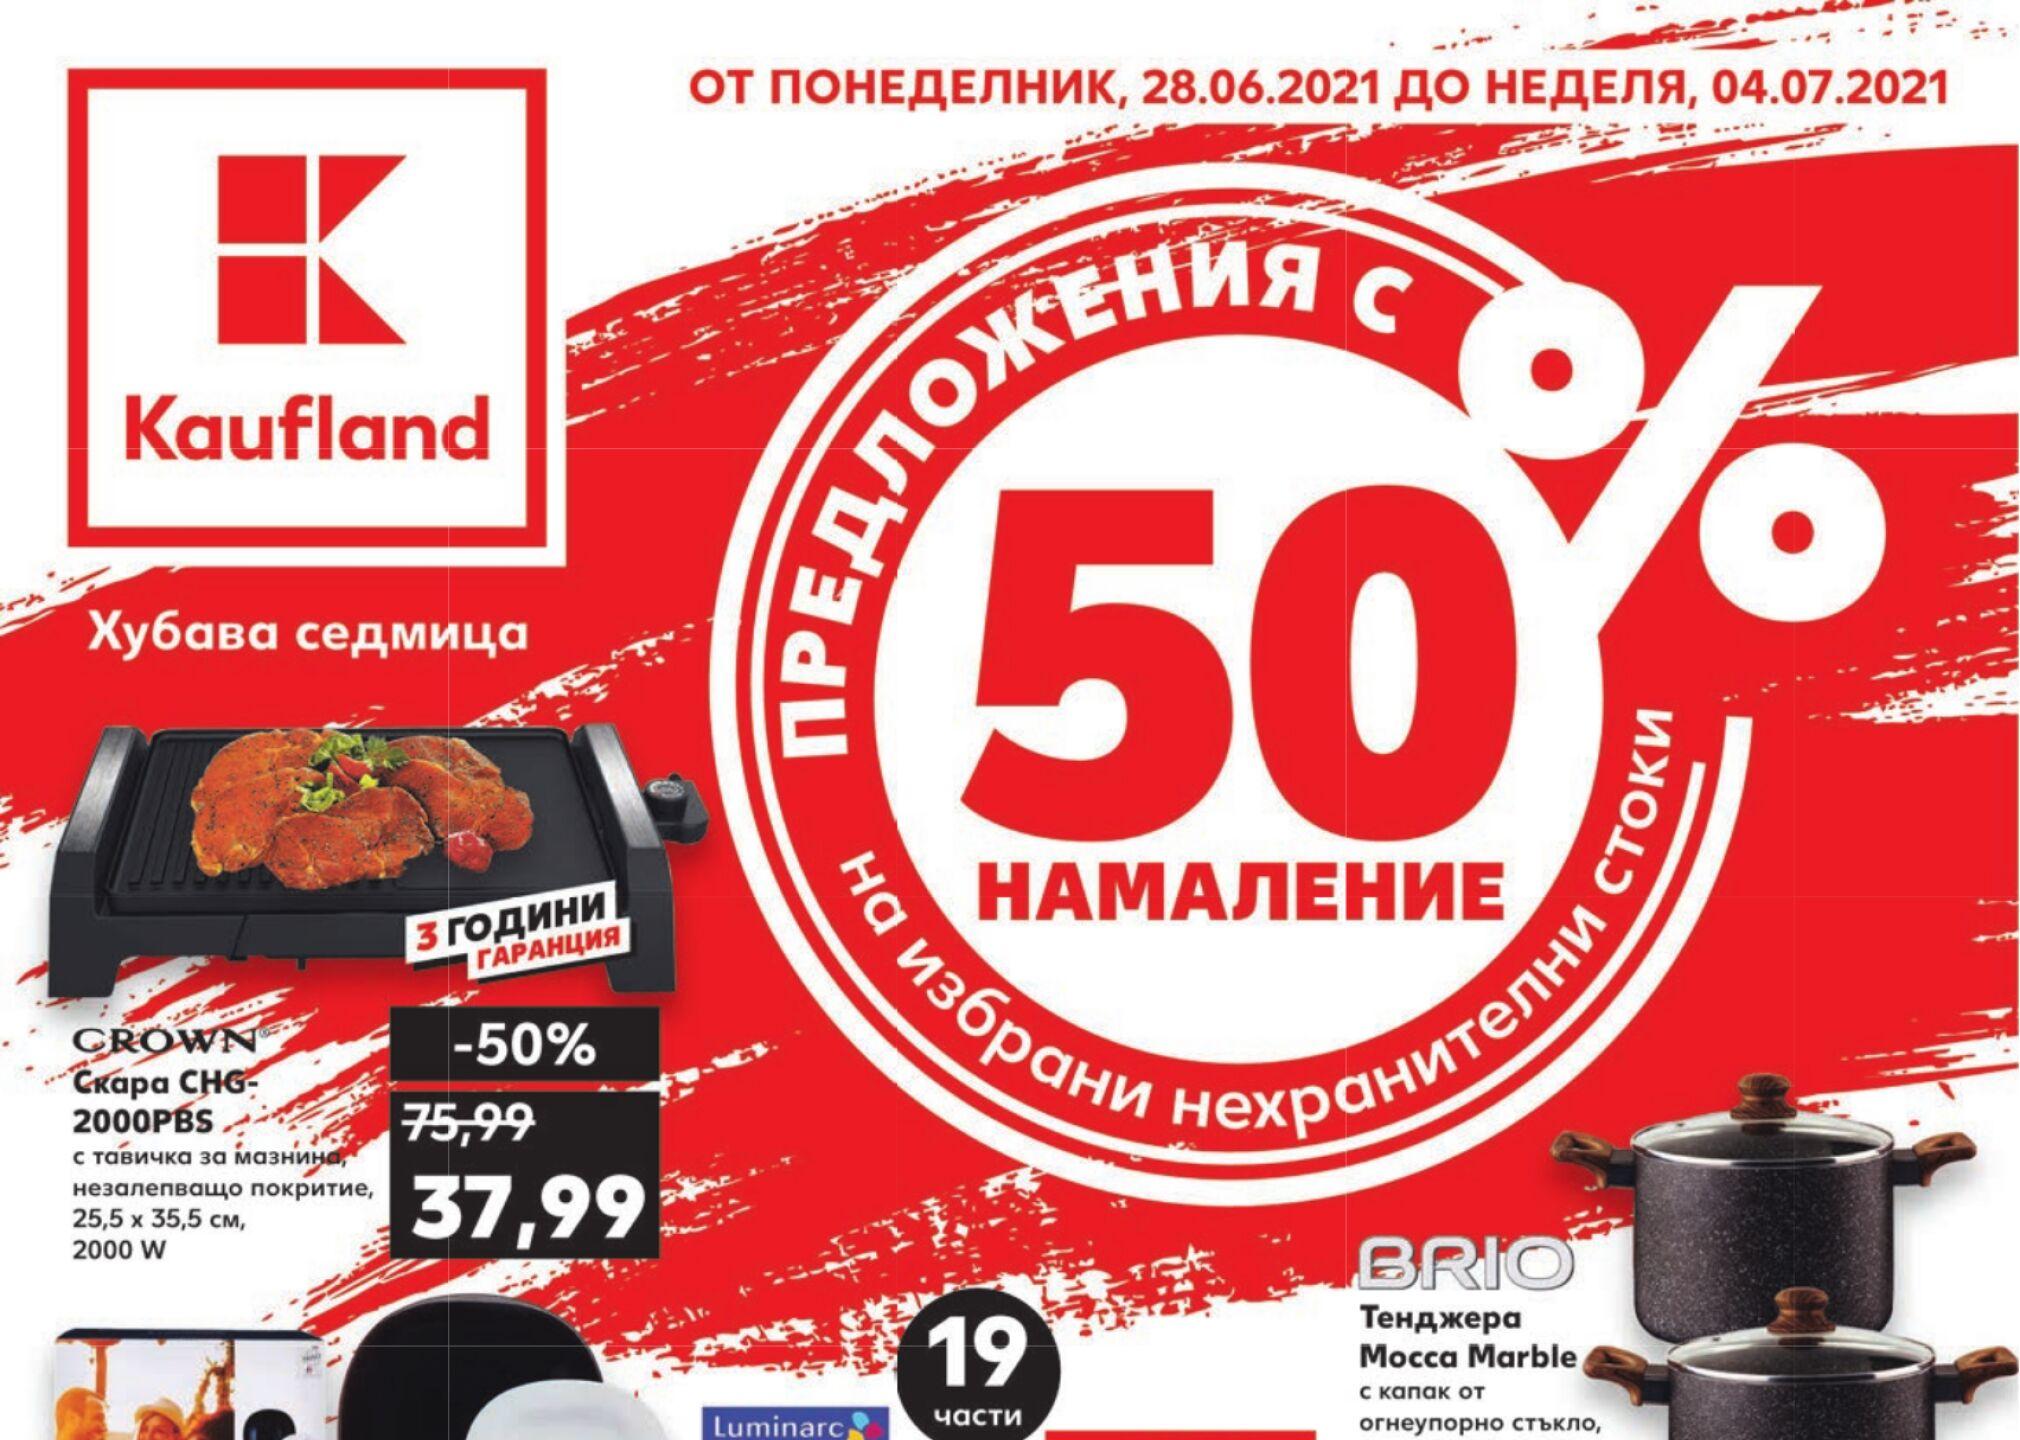 50% Намаление на нехранителни стоки Kaufland